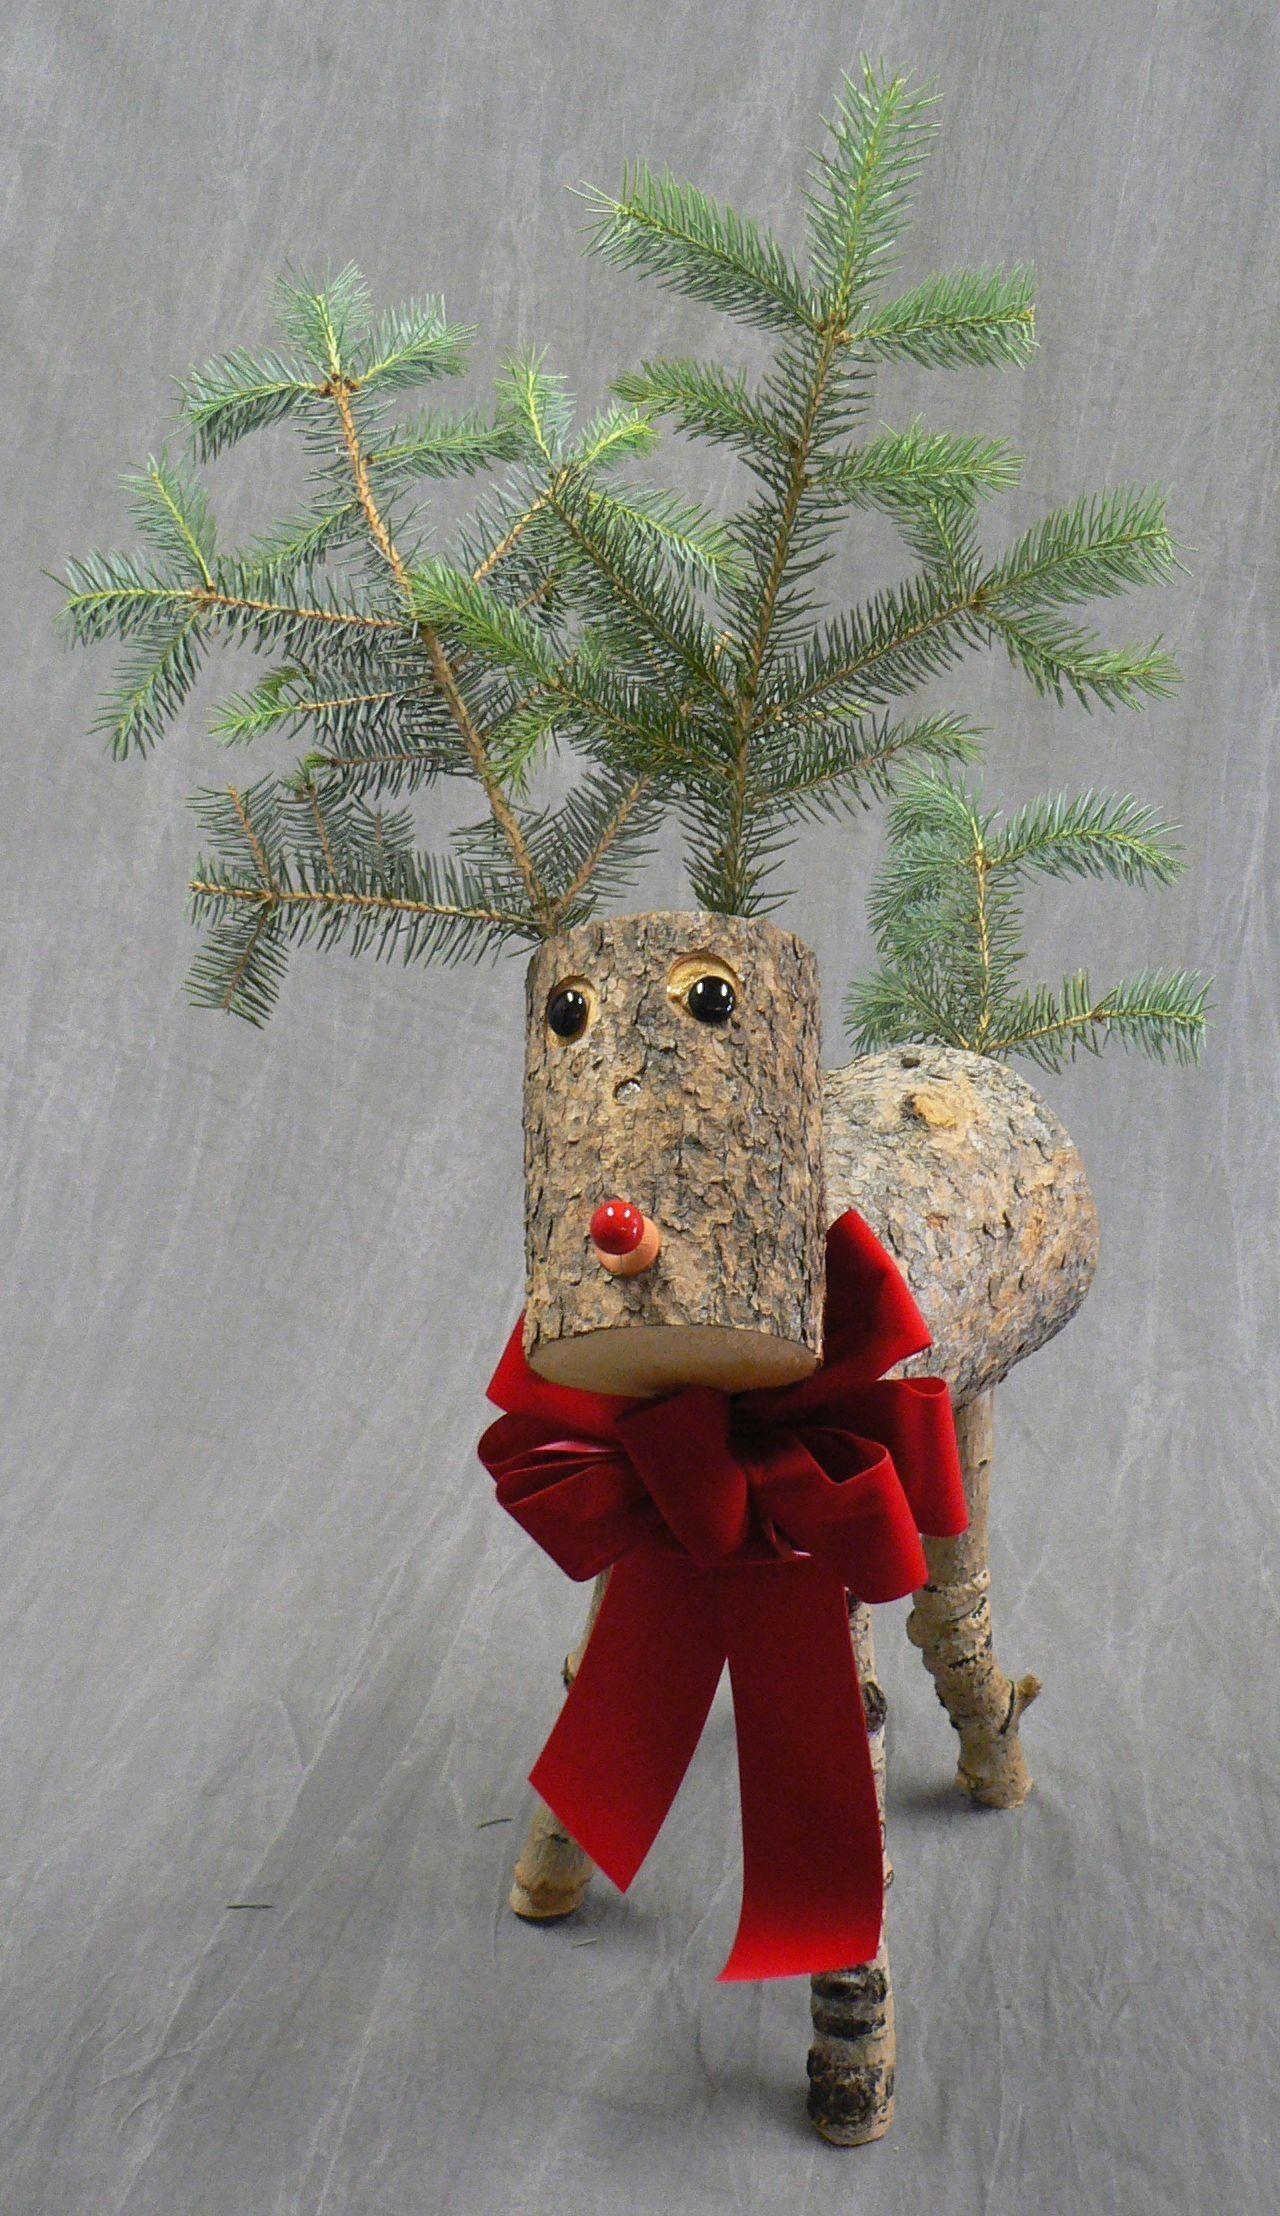 Rudi S Cuties Decorative Reindeer Medium Size Flower Wagonin South Elgin Kerst Rendier